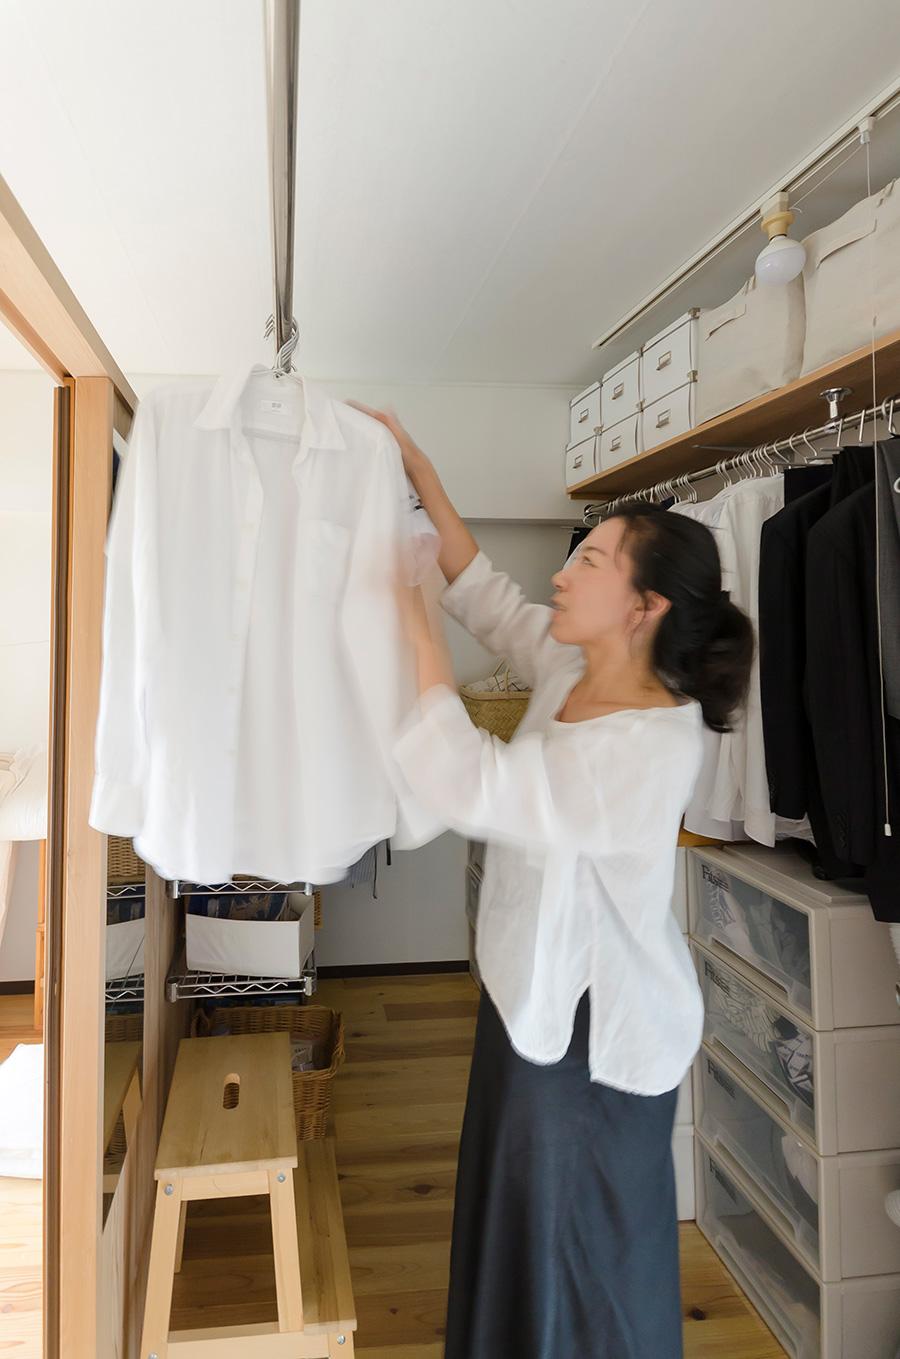 収納だったところを3畳のクローゼットに。服は畳まずハンガーにかけるという選択で家事がぐっと楽に。ミニマリスト尾崎友吏子さん。ブログでミニマルな生活の心地よさを発信。『追われない家事』(KADOKAWA)などの著書も。